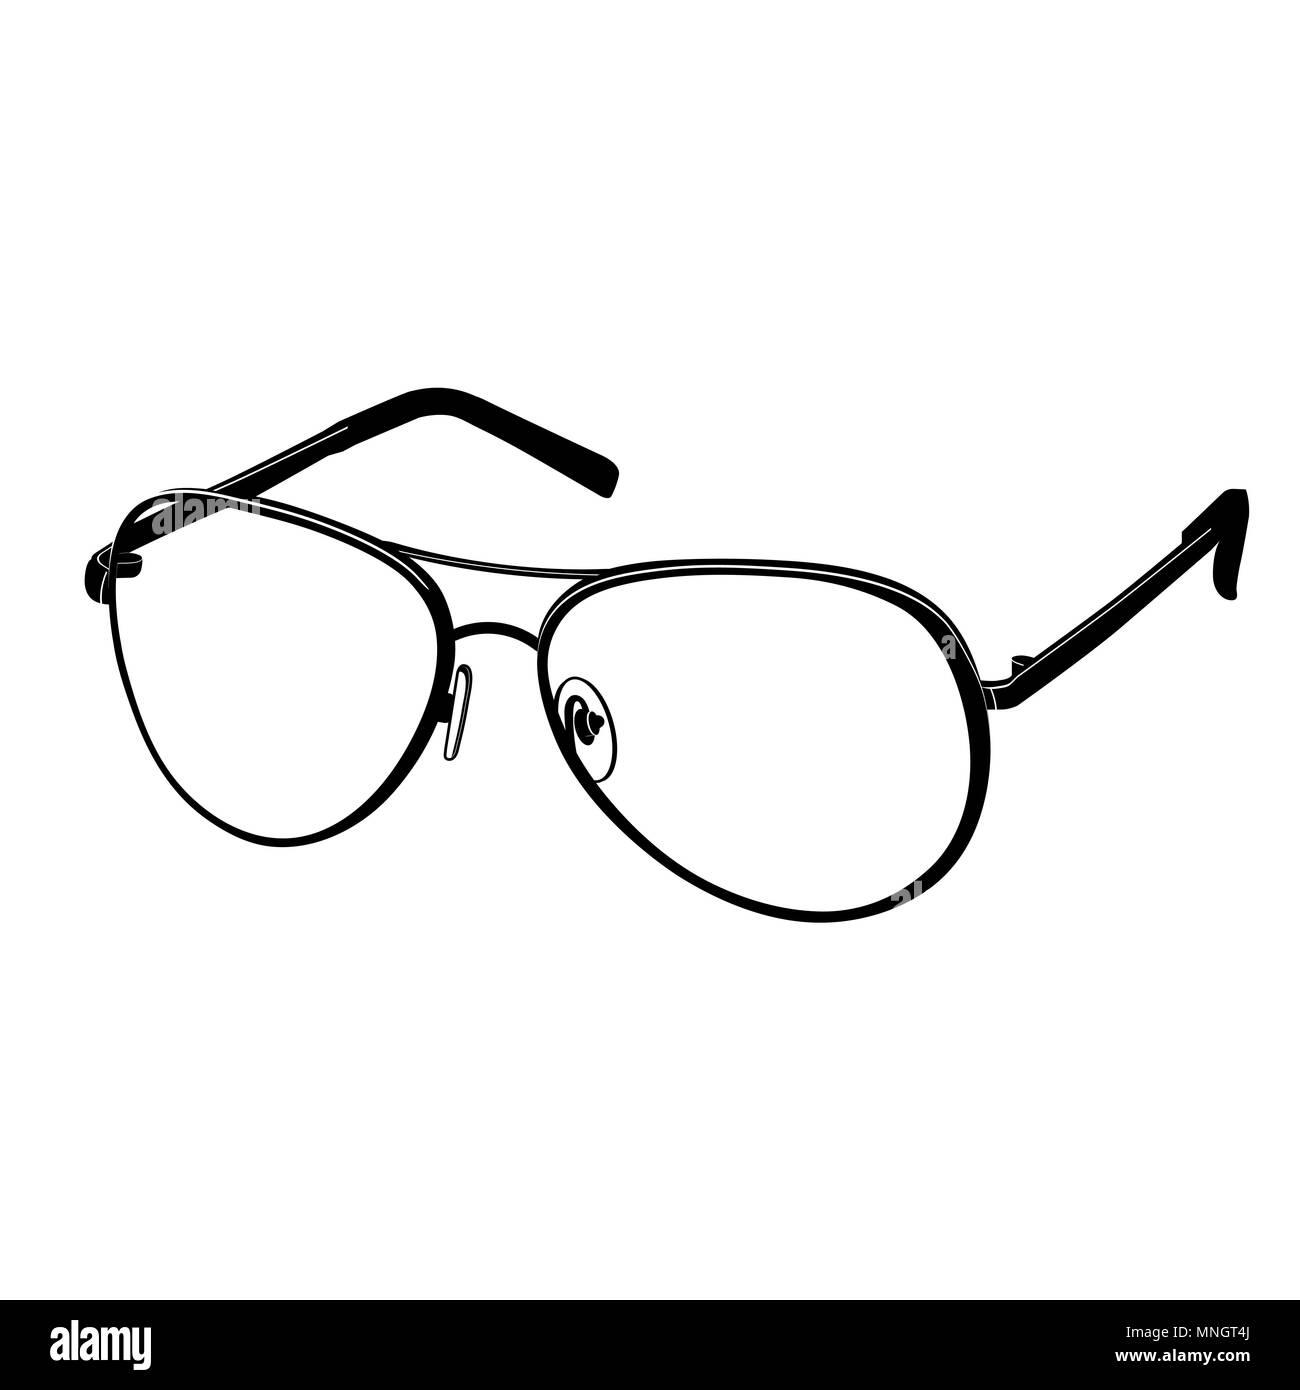 e07130a01dd752 Vecteur icône lunettes télévision, logo, contours, ligne de contour dessin,  illustration en noir et blanc. Accessoire de mode élégant, isolé sur fond  blanc